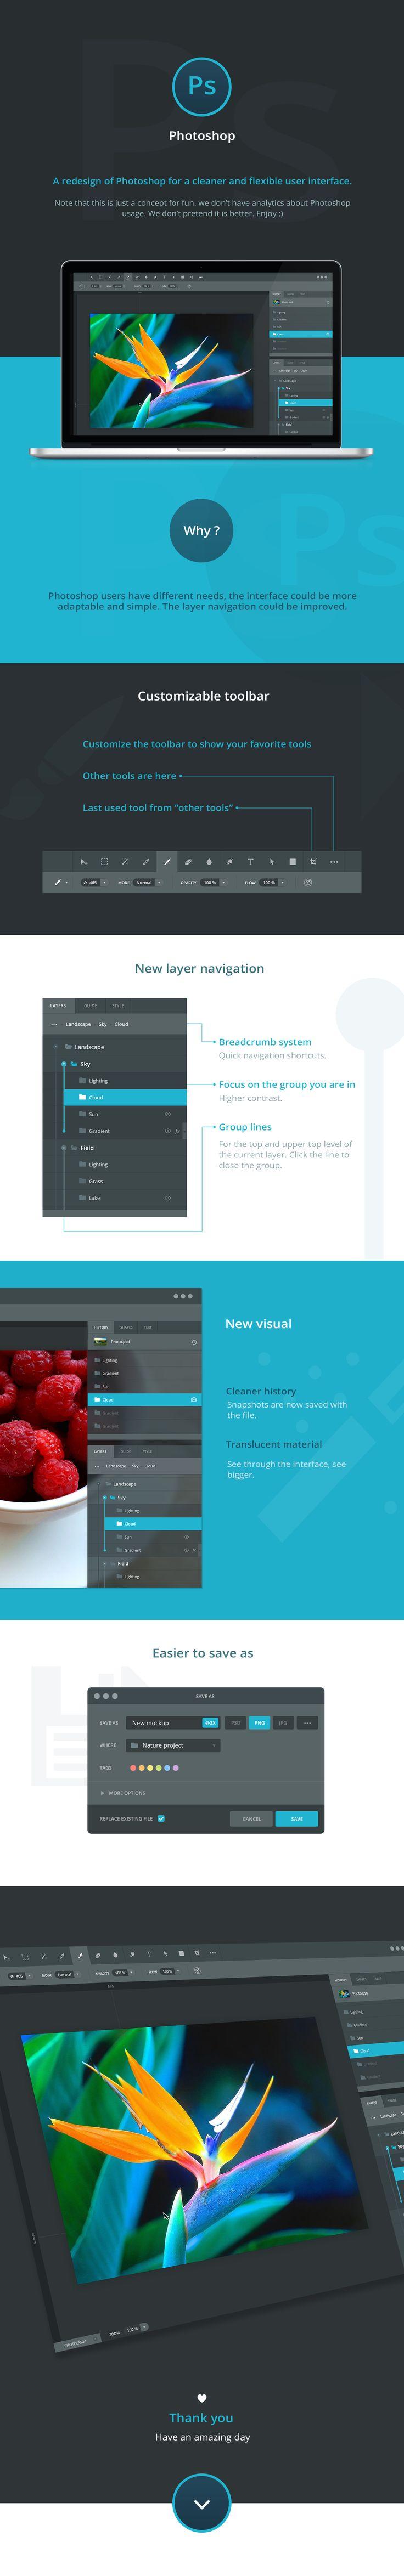 http://abduzeedo.com/photoshop-redesign